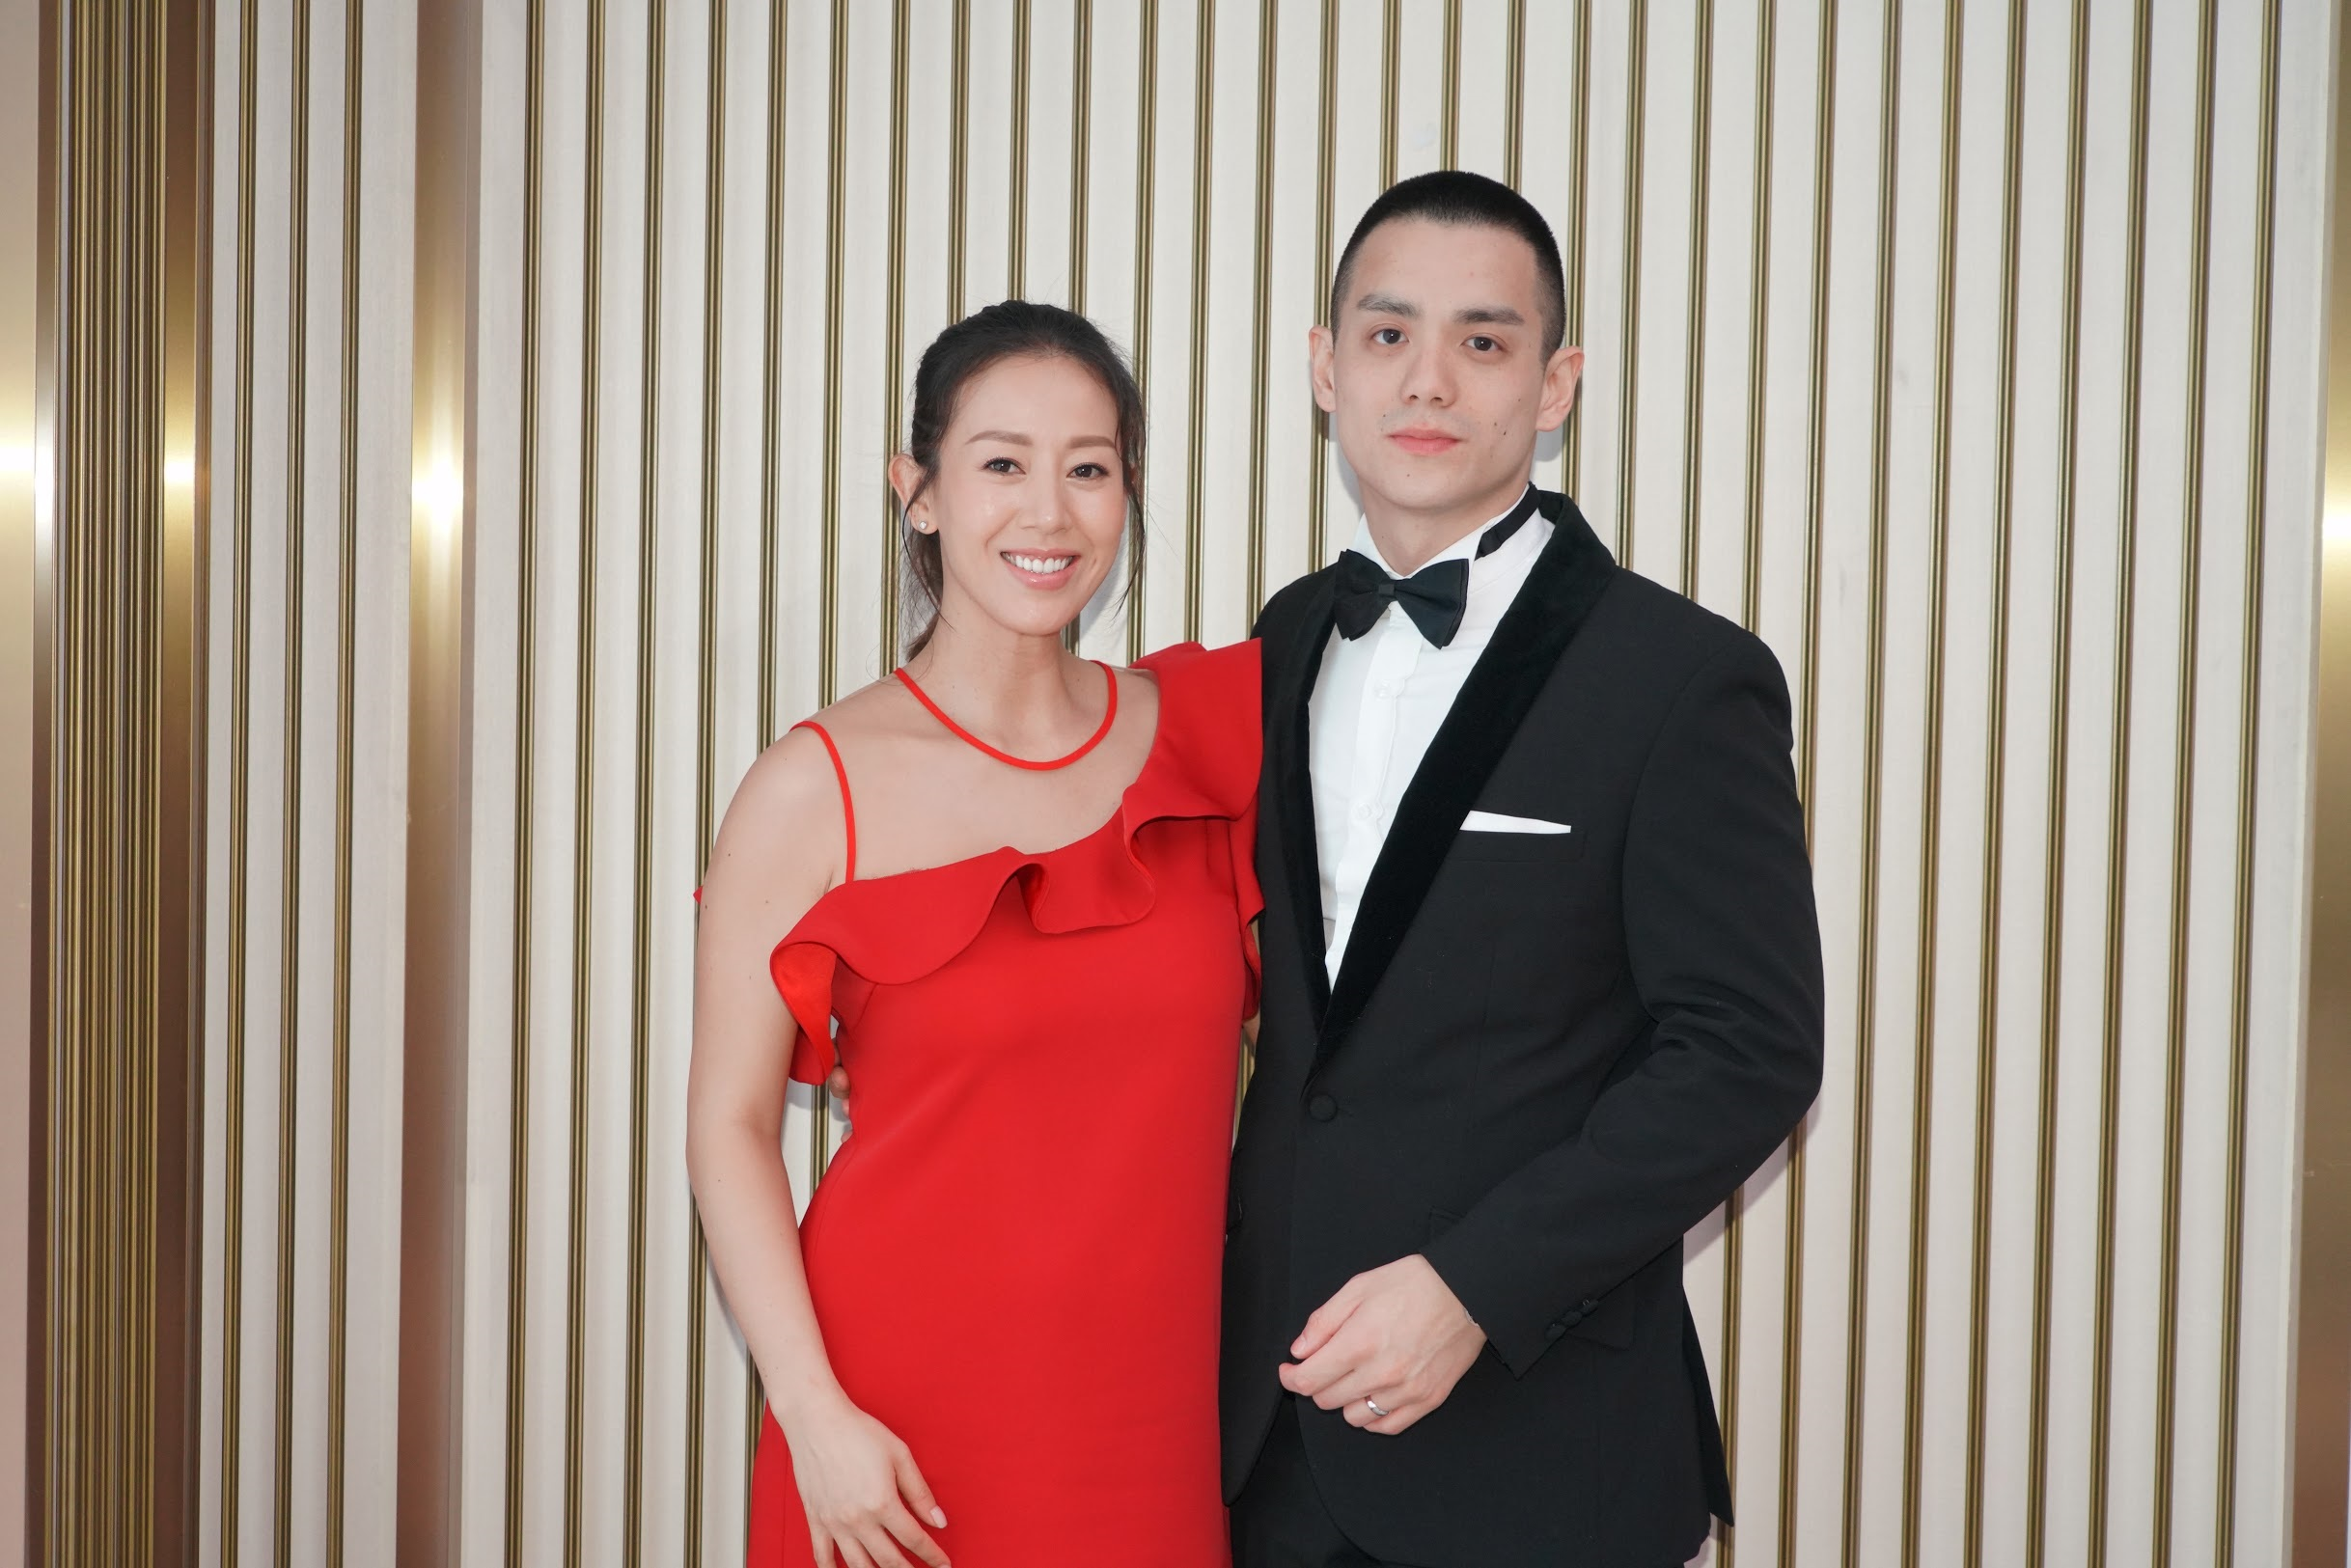 梁靖琪與丈夫施雋賢出席慈善晚會。